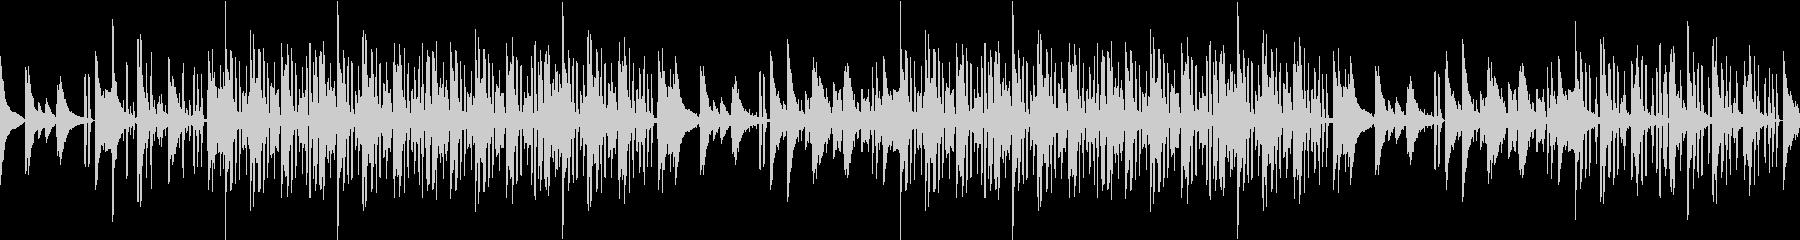 レトロ・ピアノ・ローファイ・綺麗・ループの未再生の波形